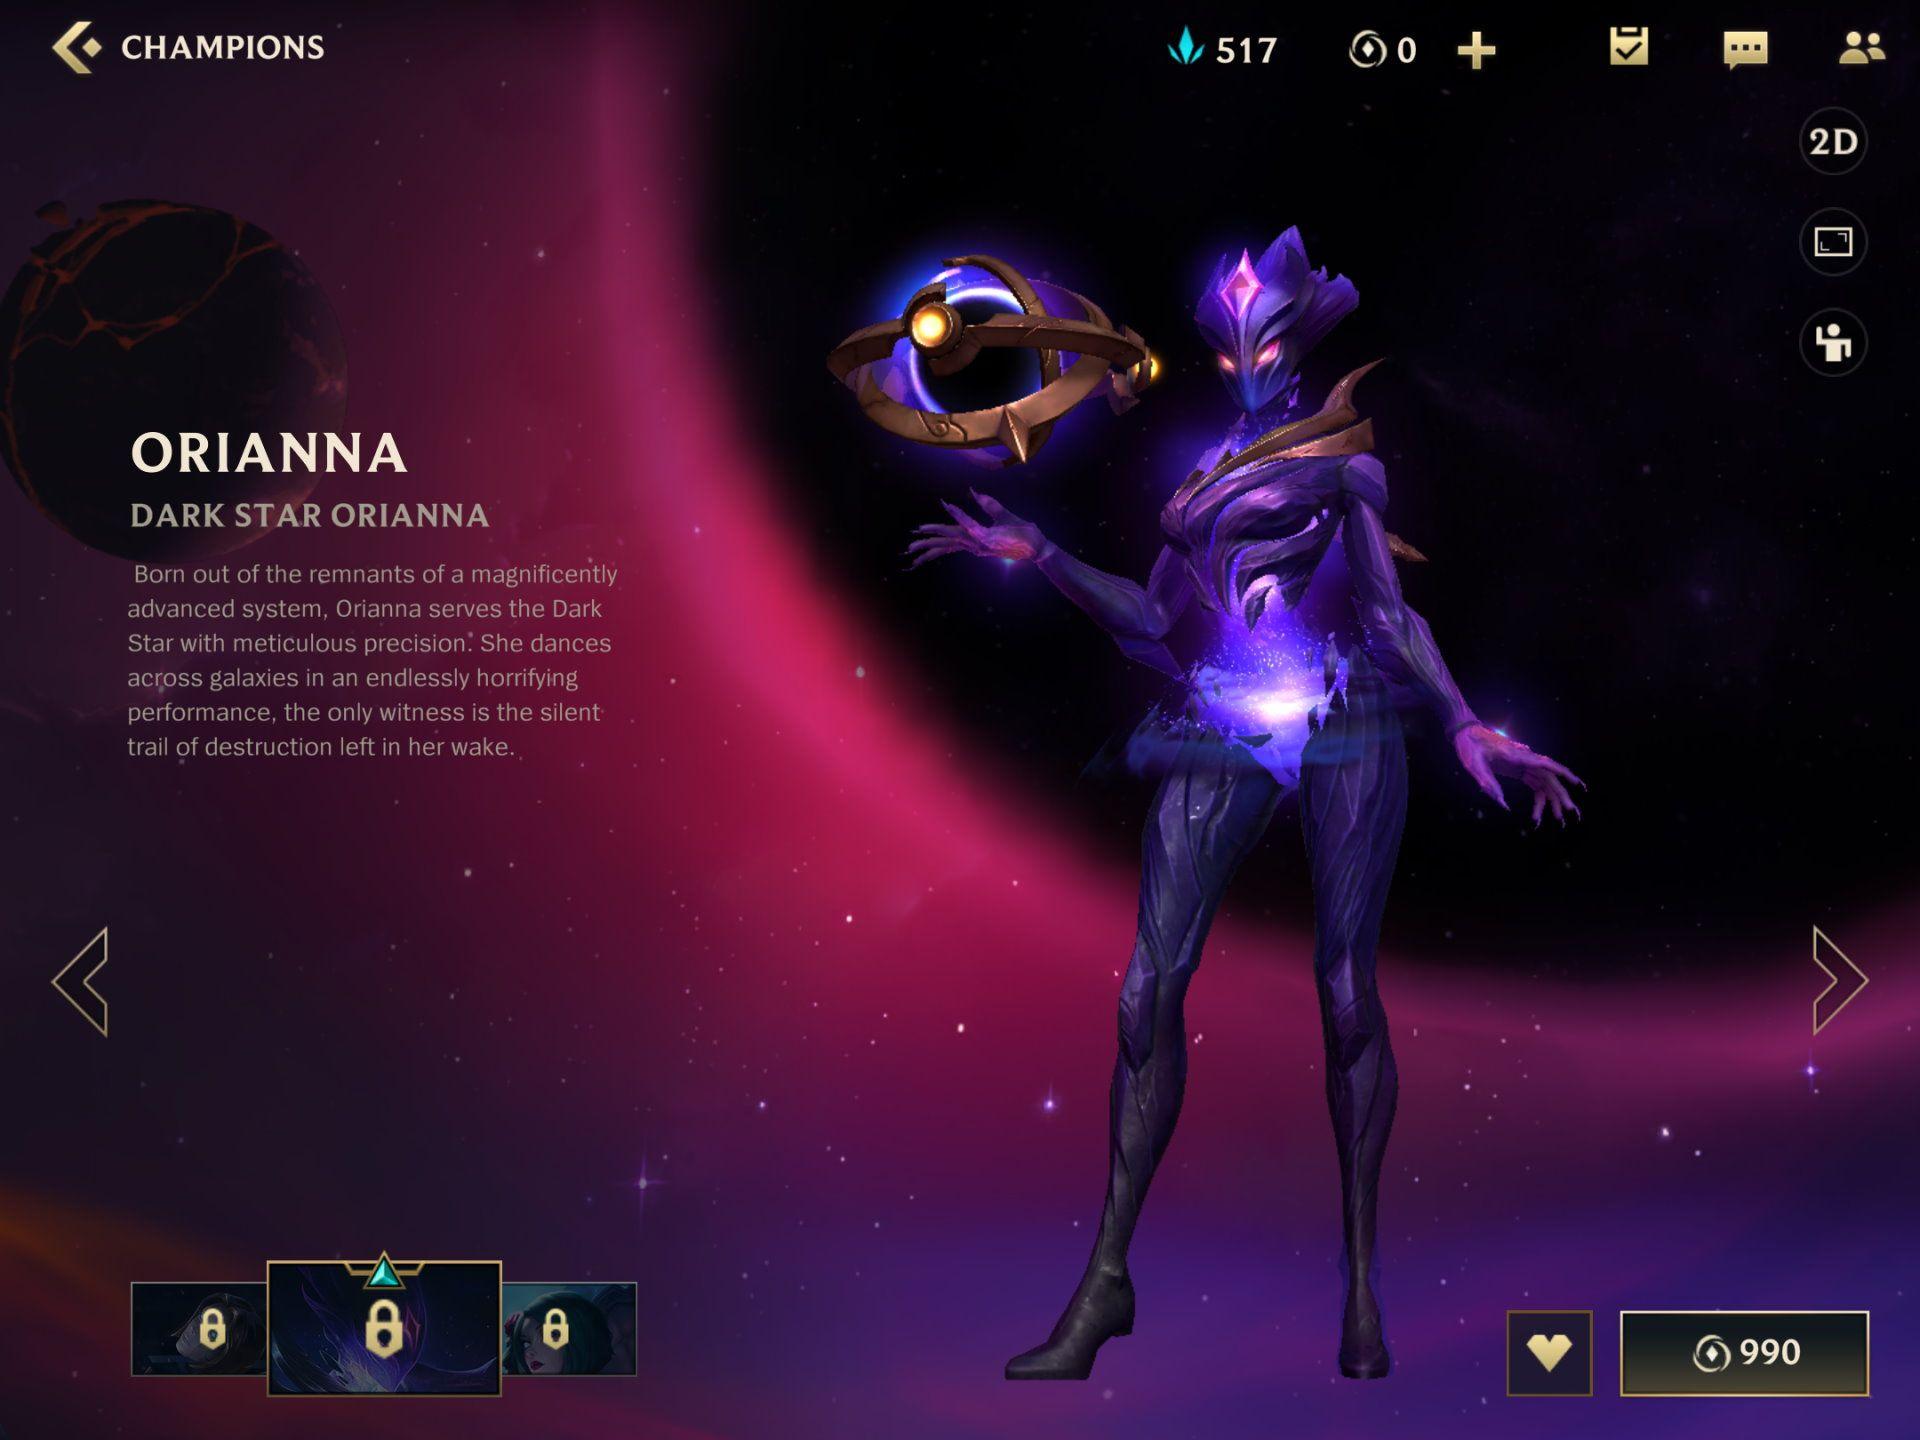 Dark Star Orianna in League of Legends Wild Rift